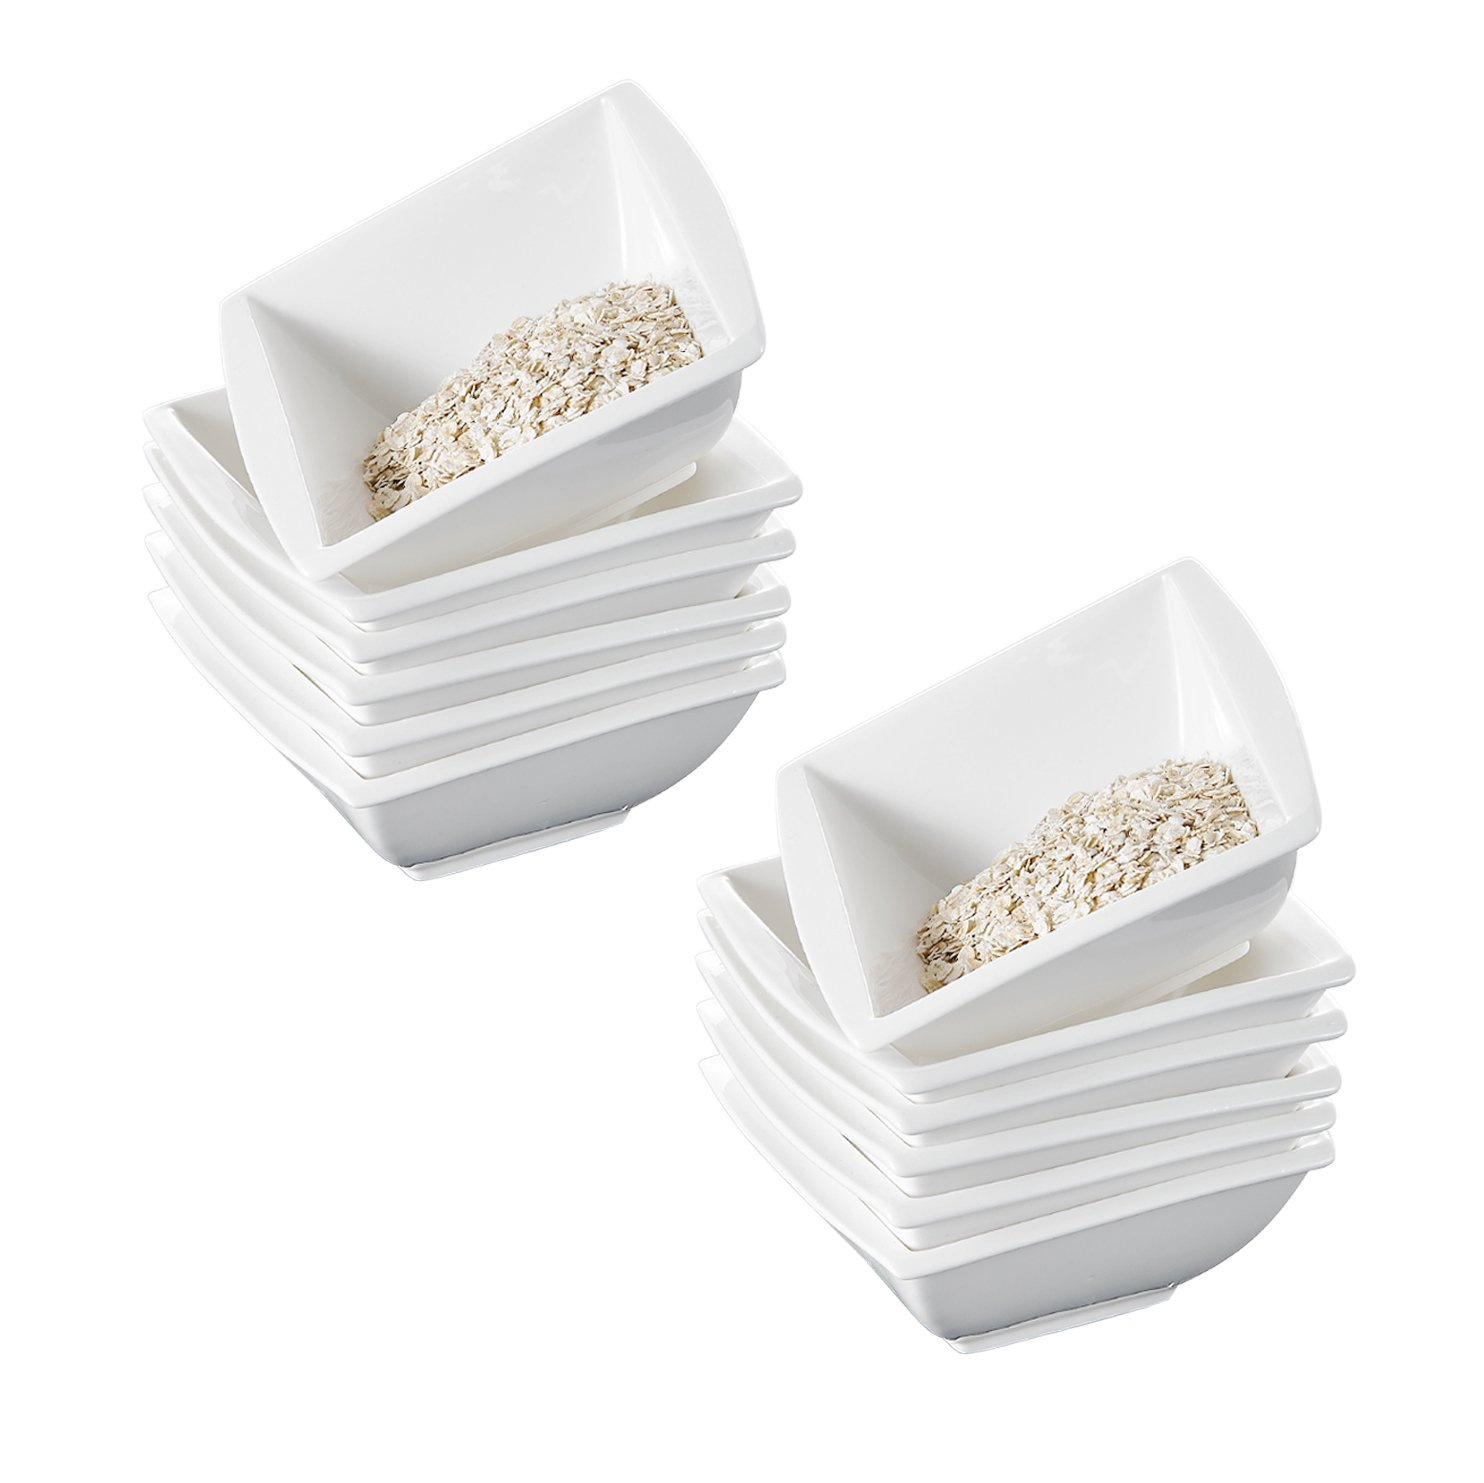 MALACASA, Serie Blance, 5,75 Zoll 12 TLG. Porzellan Schüsseln Set Salatschüsseln Müslischalen Reisschale für 12 Personen